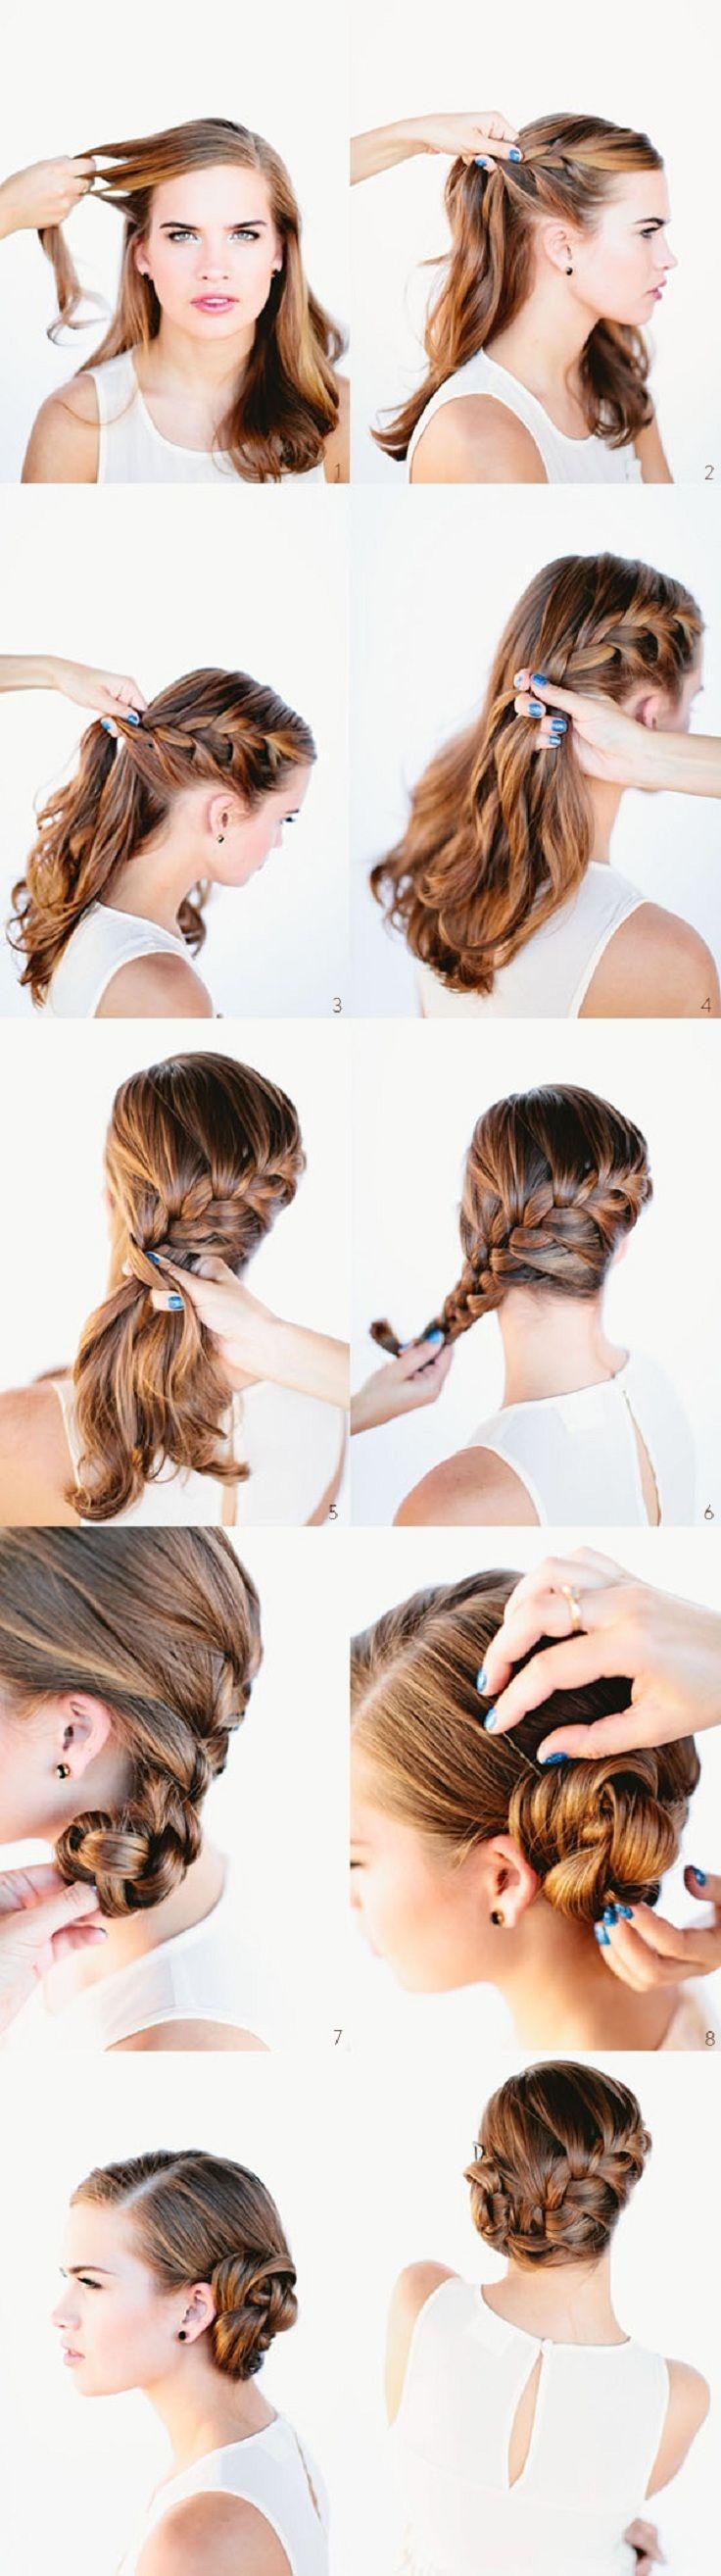 Top 10 Hair Braid Tutorials